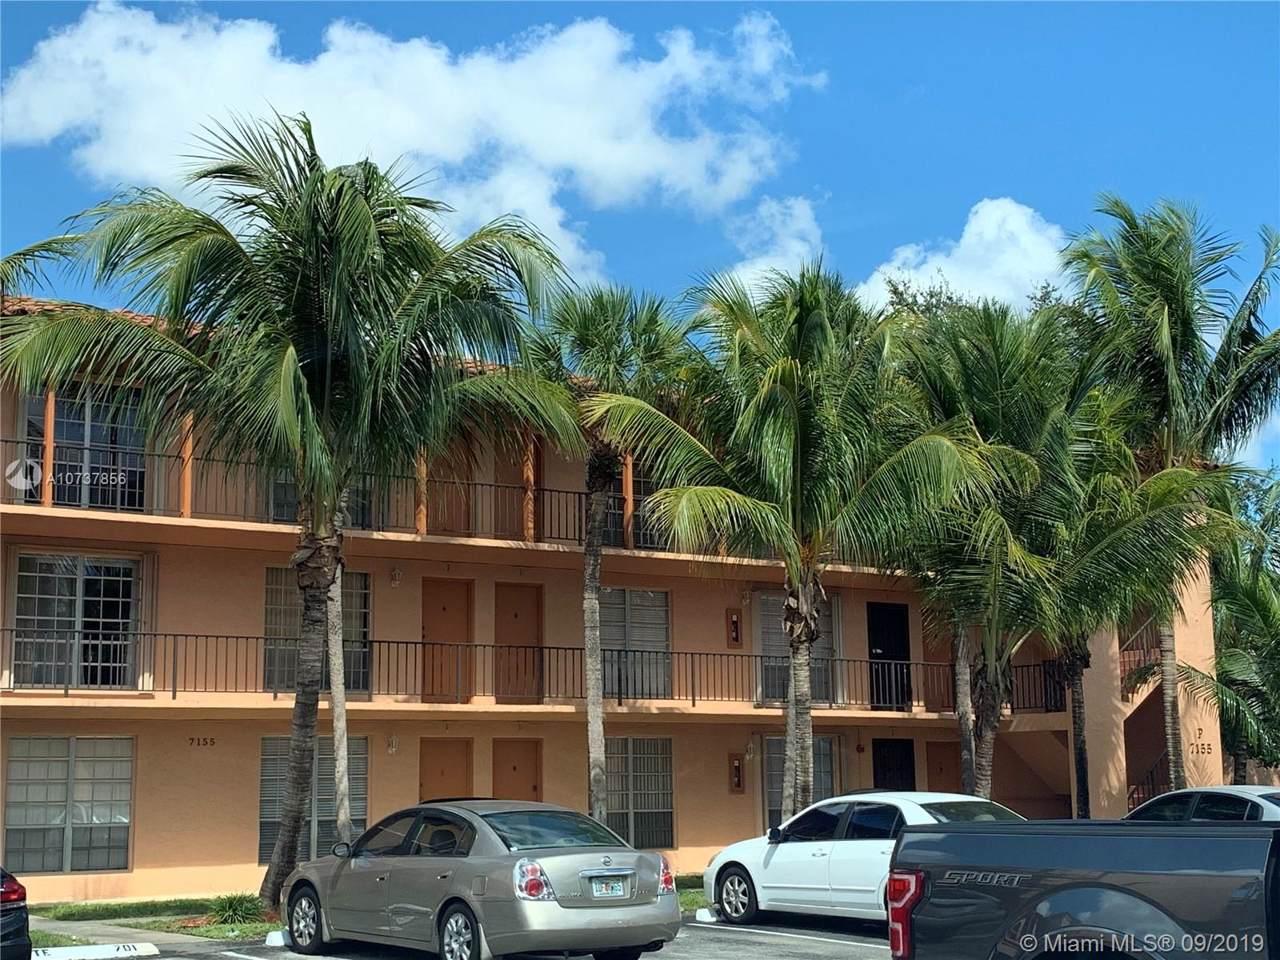 7155 Miami Lakes Dr - Photo 1